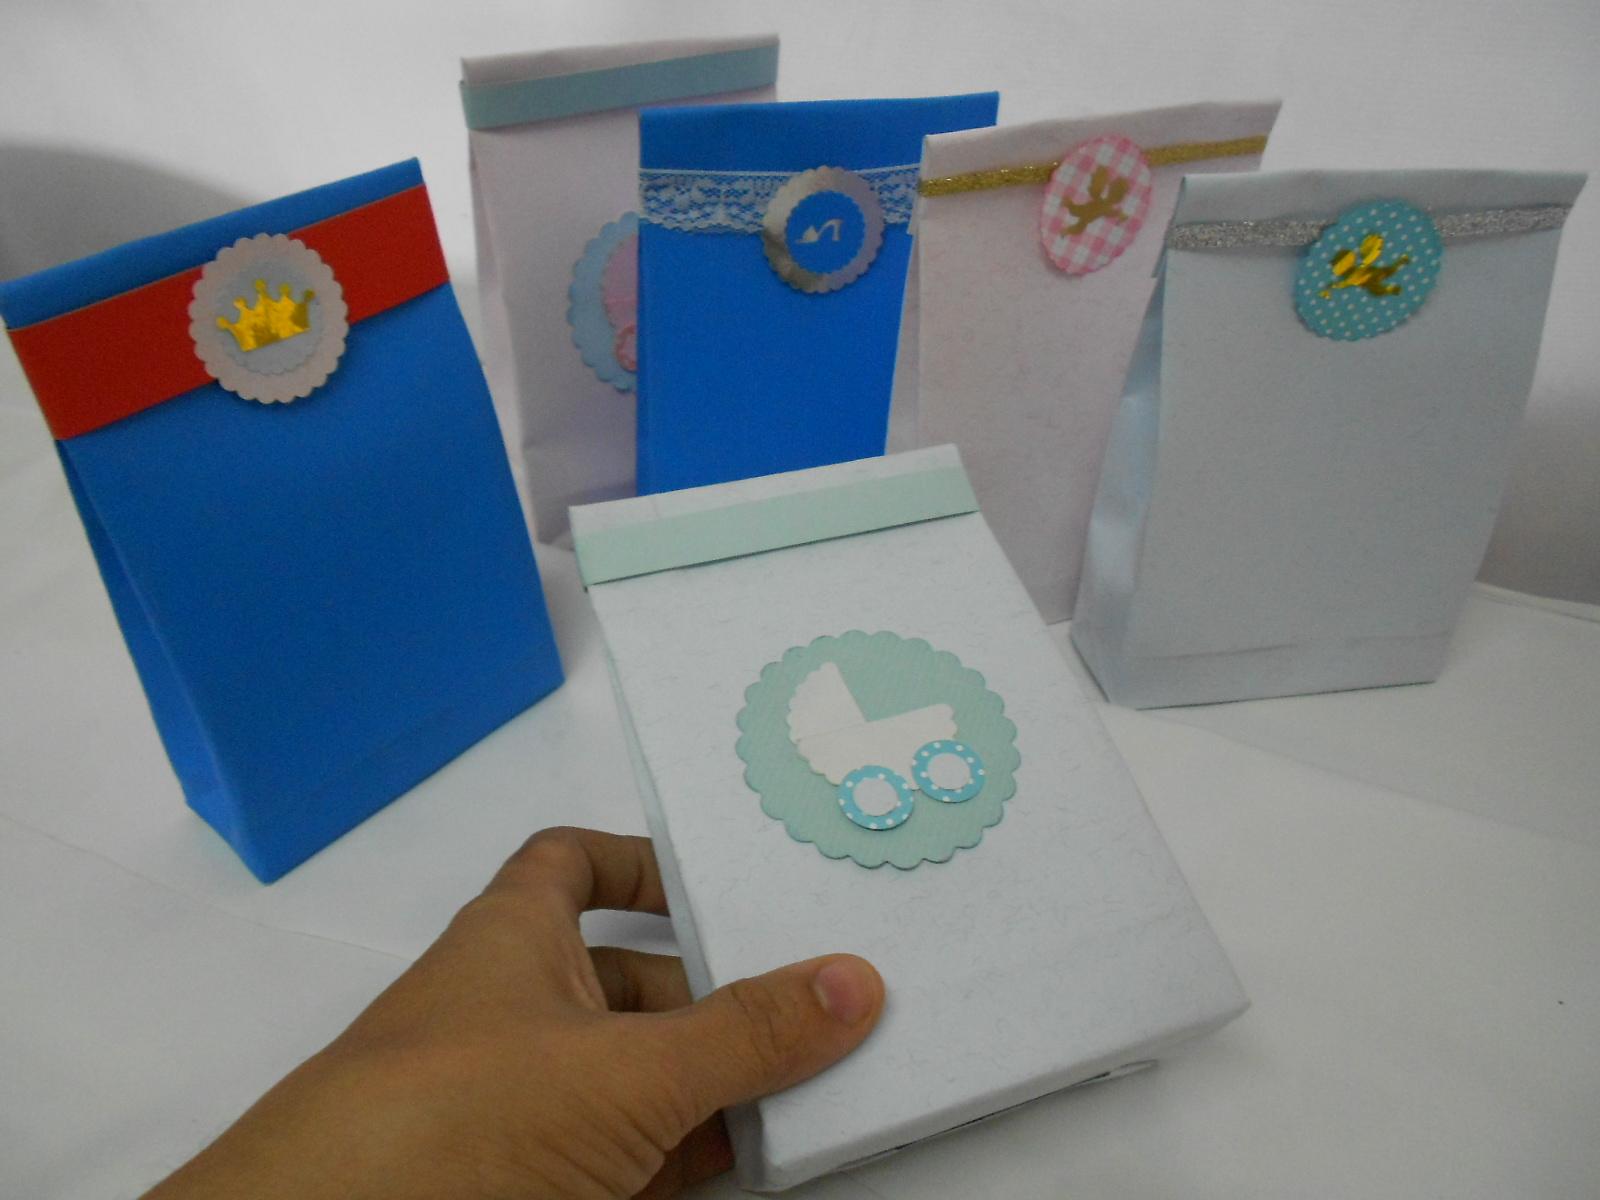 Artes da nanda da bahia saquinhos de papel - Papel para decorar ...